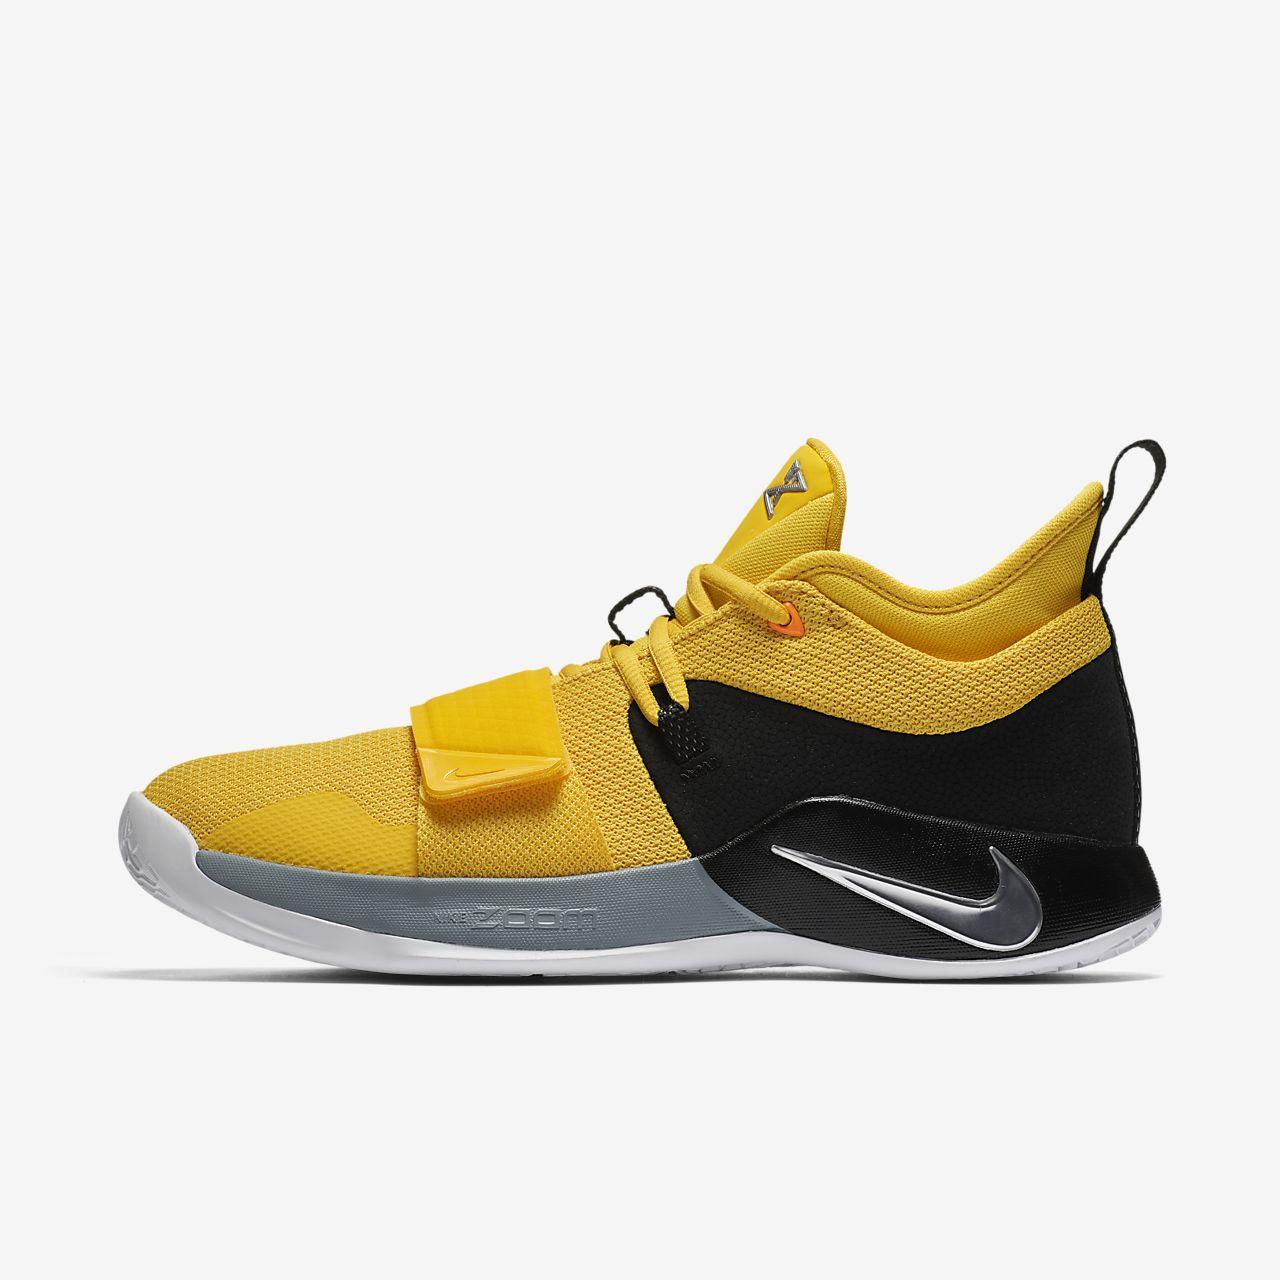 Sapatilhas de basquetebol PG 2.5. Nike.com PT 48b806b3a54e6